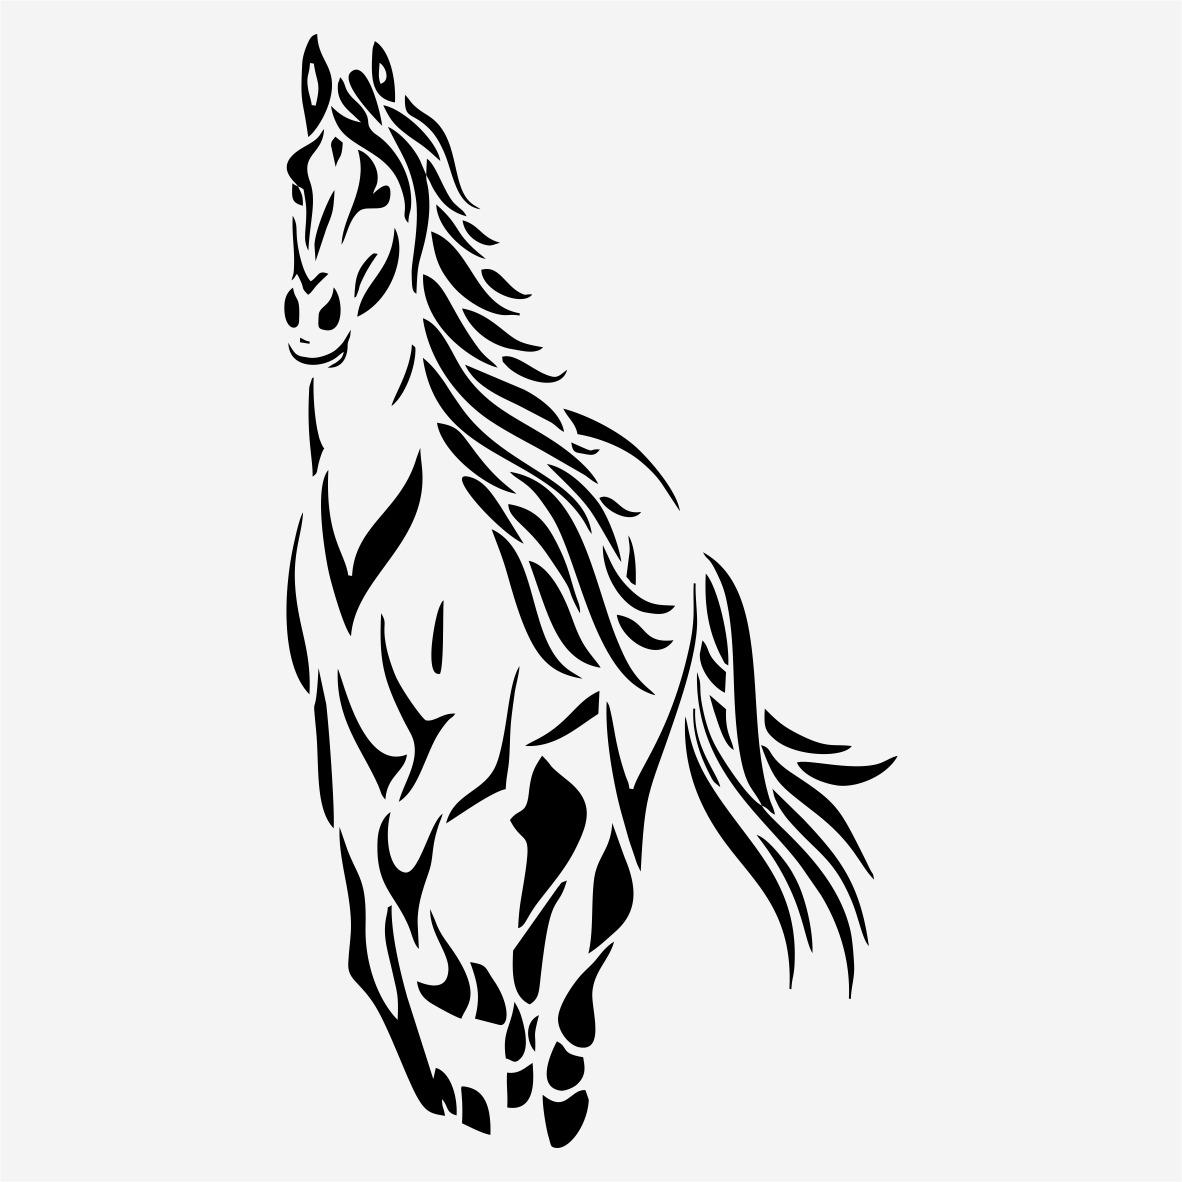 Adesivo Decorativo Cavalo Hipismo Animais 80cm A664 R 19 99 Em  -> Fts De Cavalo Rm Adesivo Pra Quarto